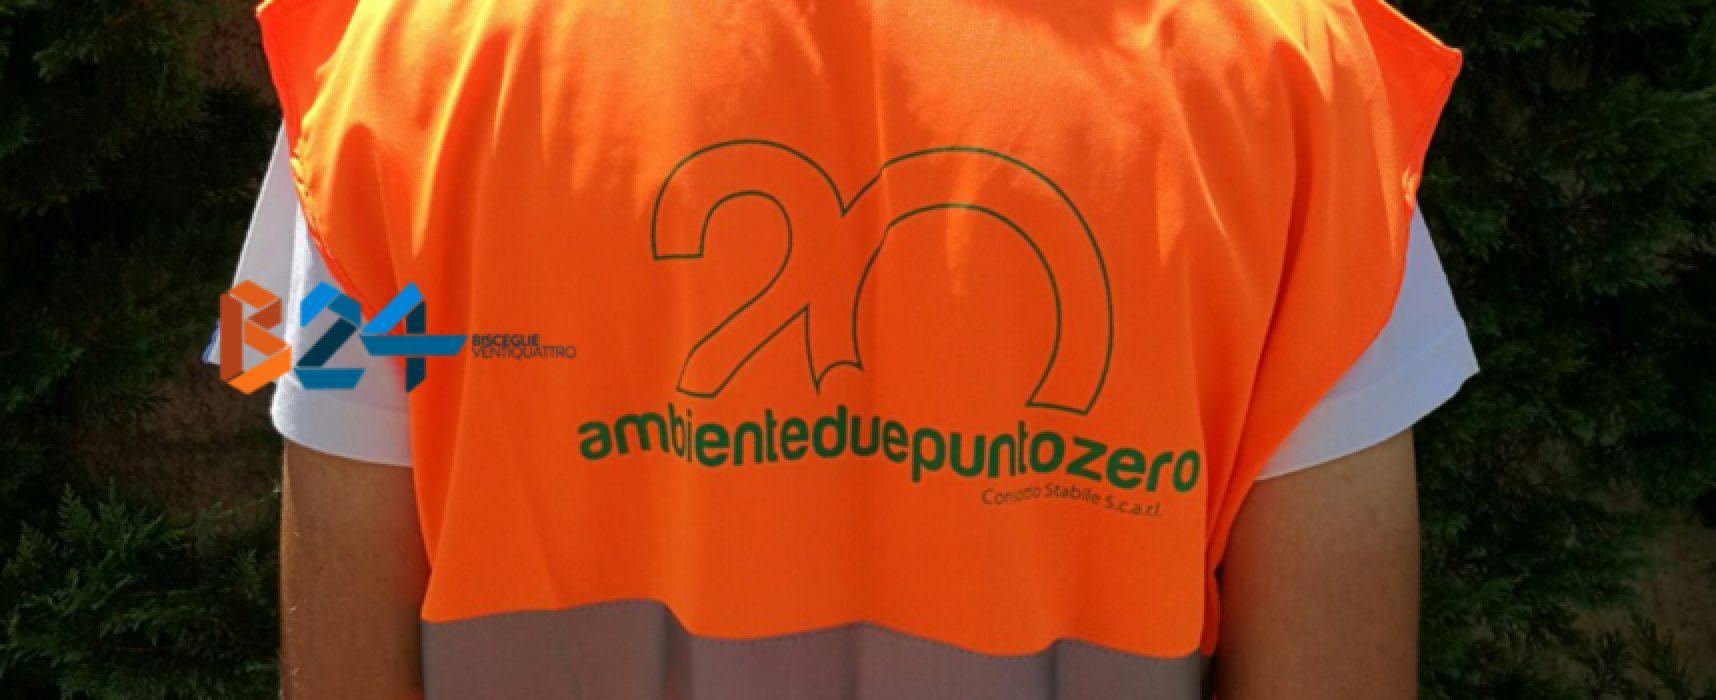 Igiene urbana, Ambiente 2.0 ricorre contro sentenza del Tar su insussistenza requisiti formali